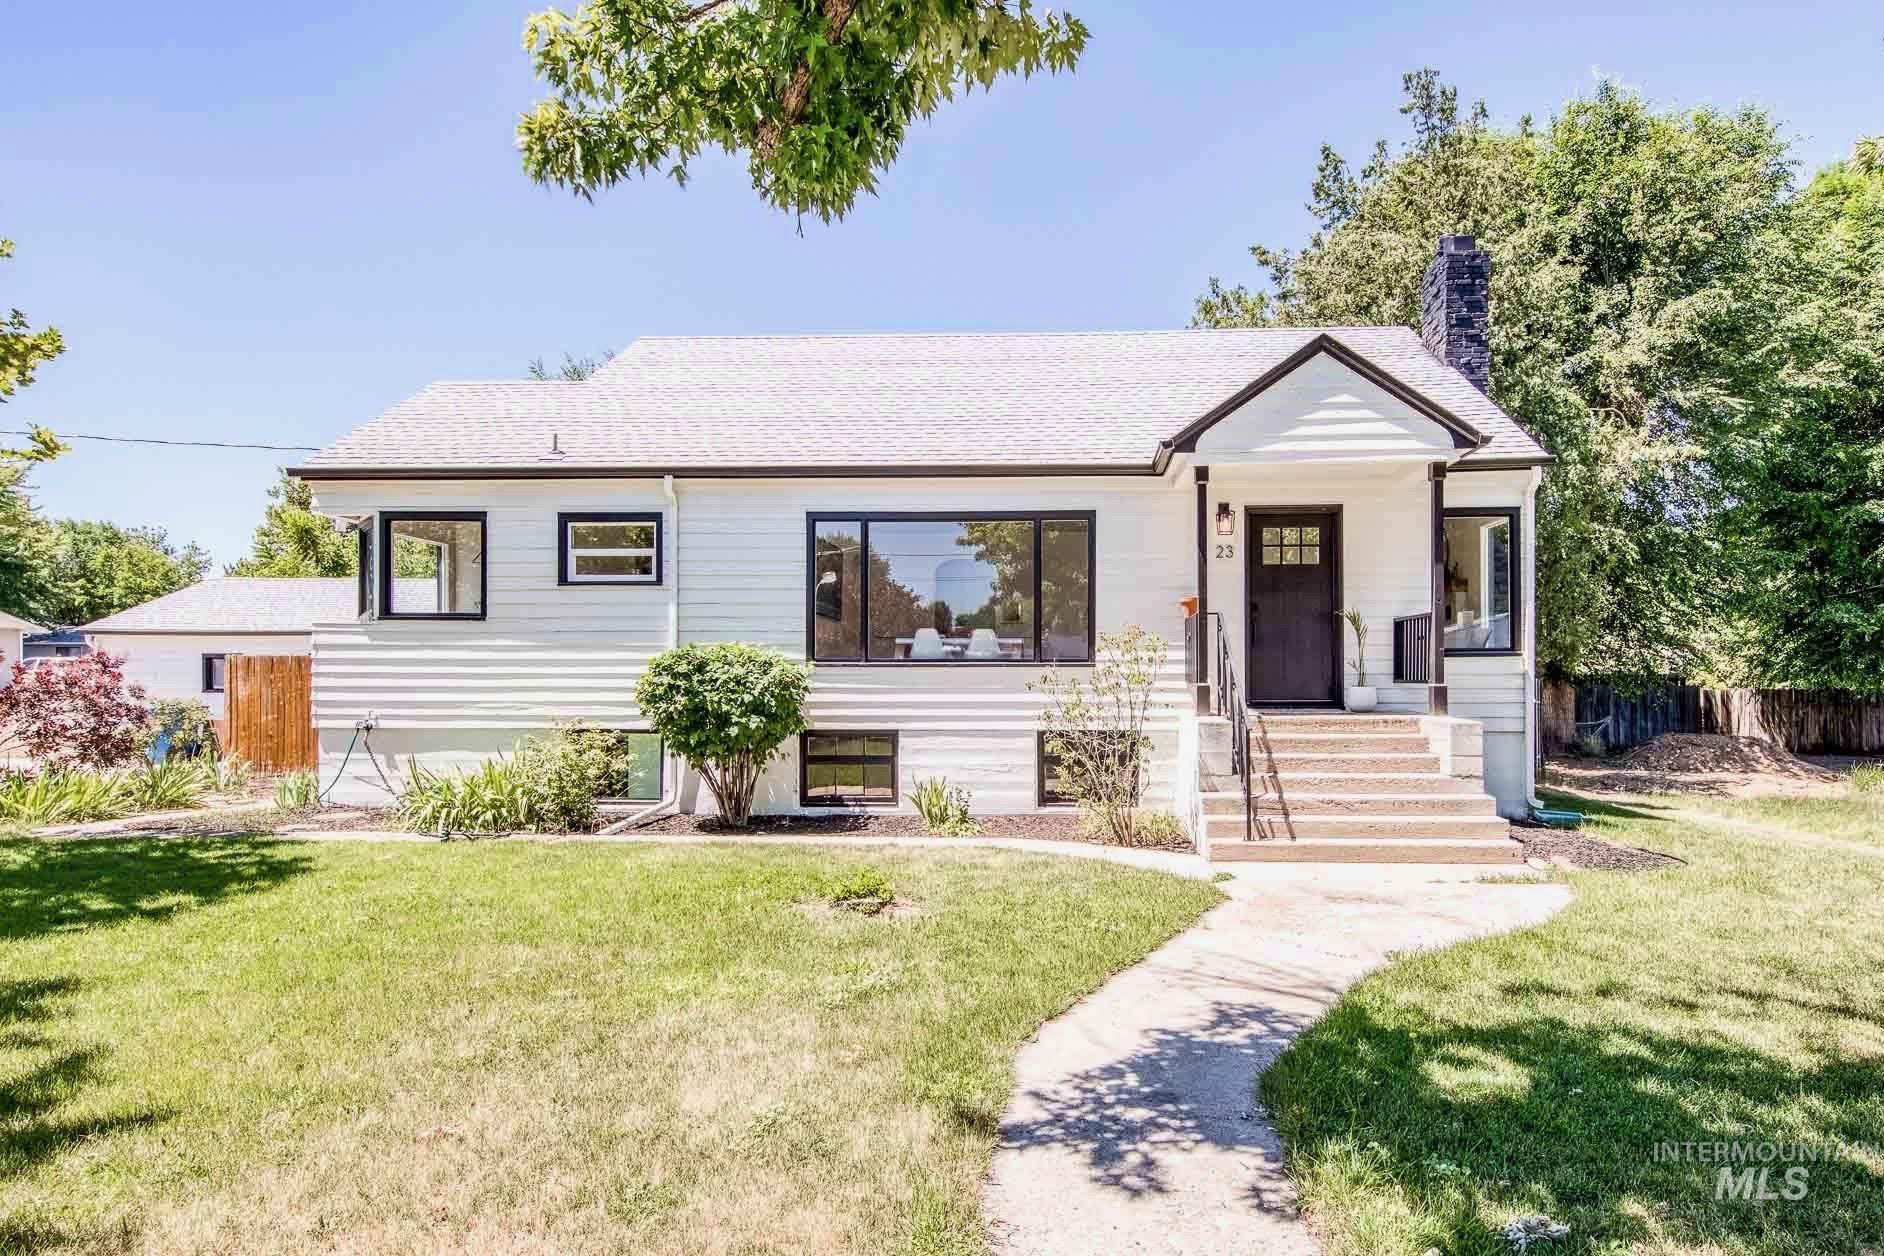 23 S S Garden Street, Boise, ID 83705 - MLS#: 98774002